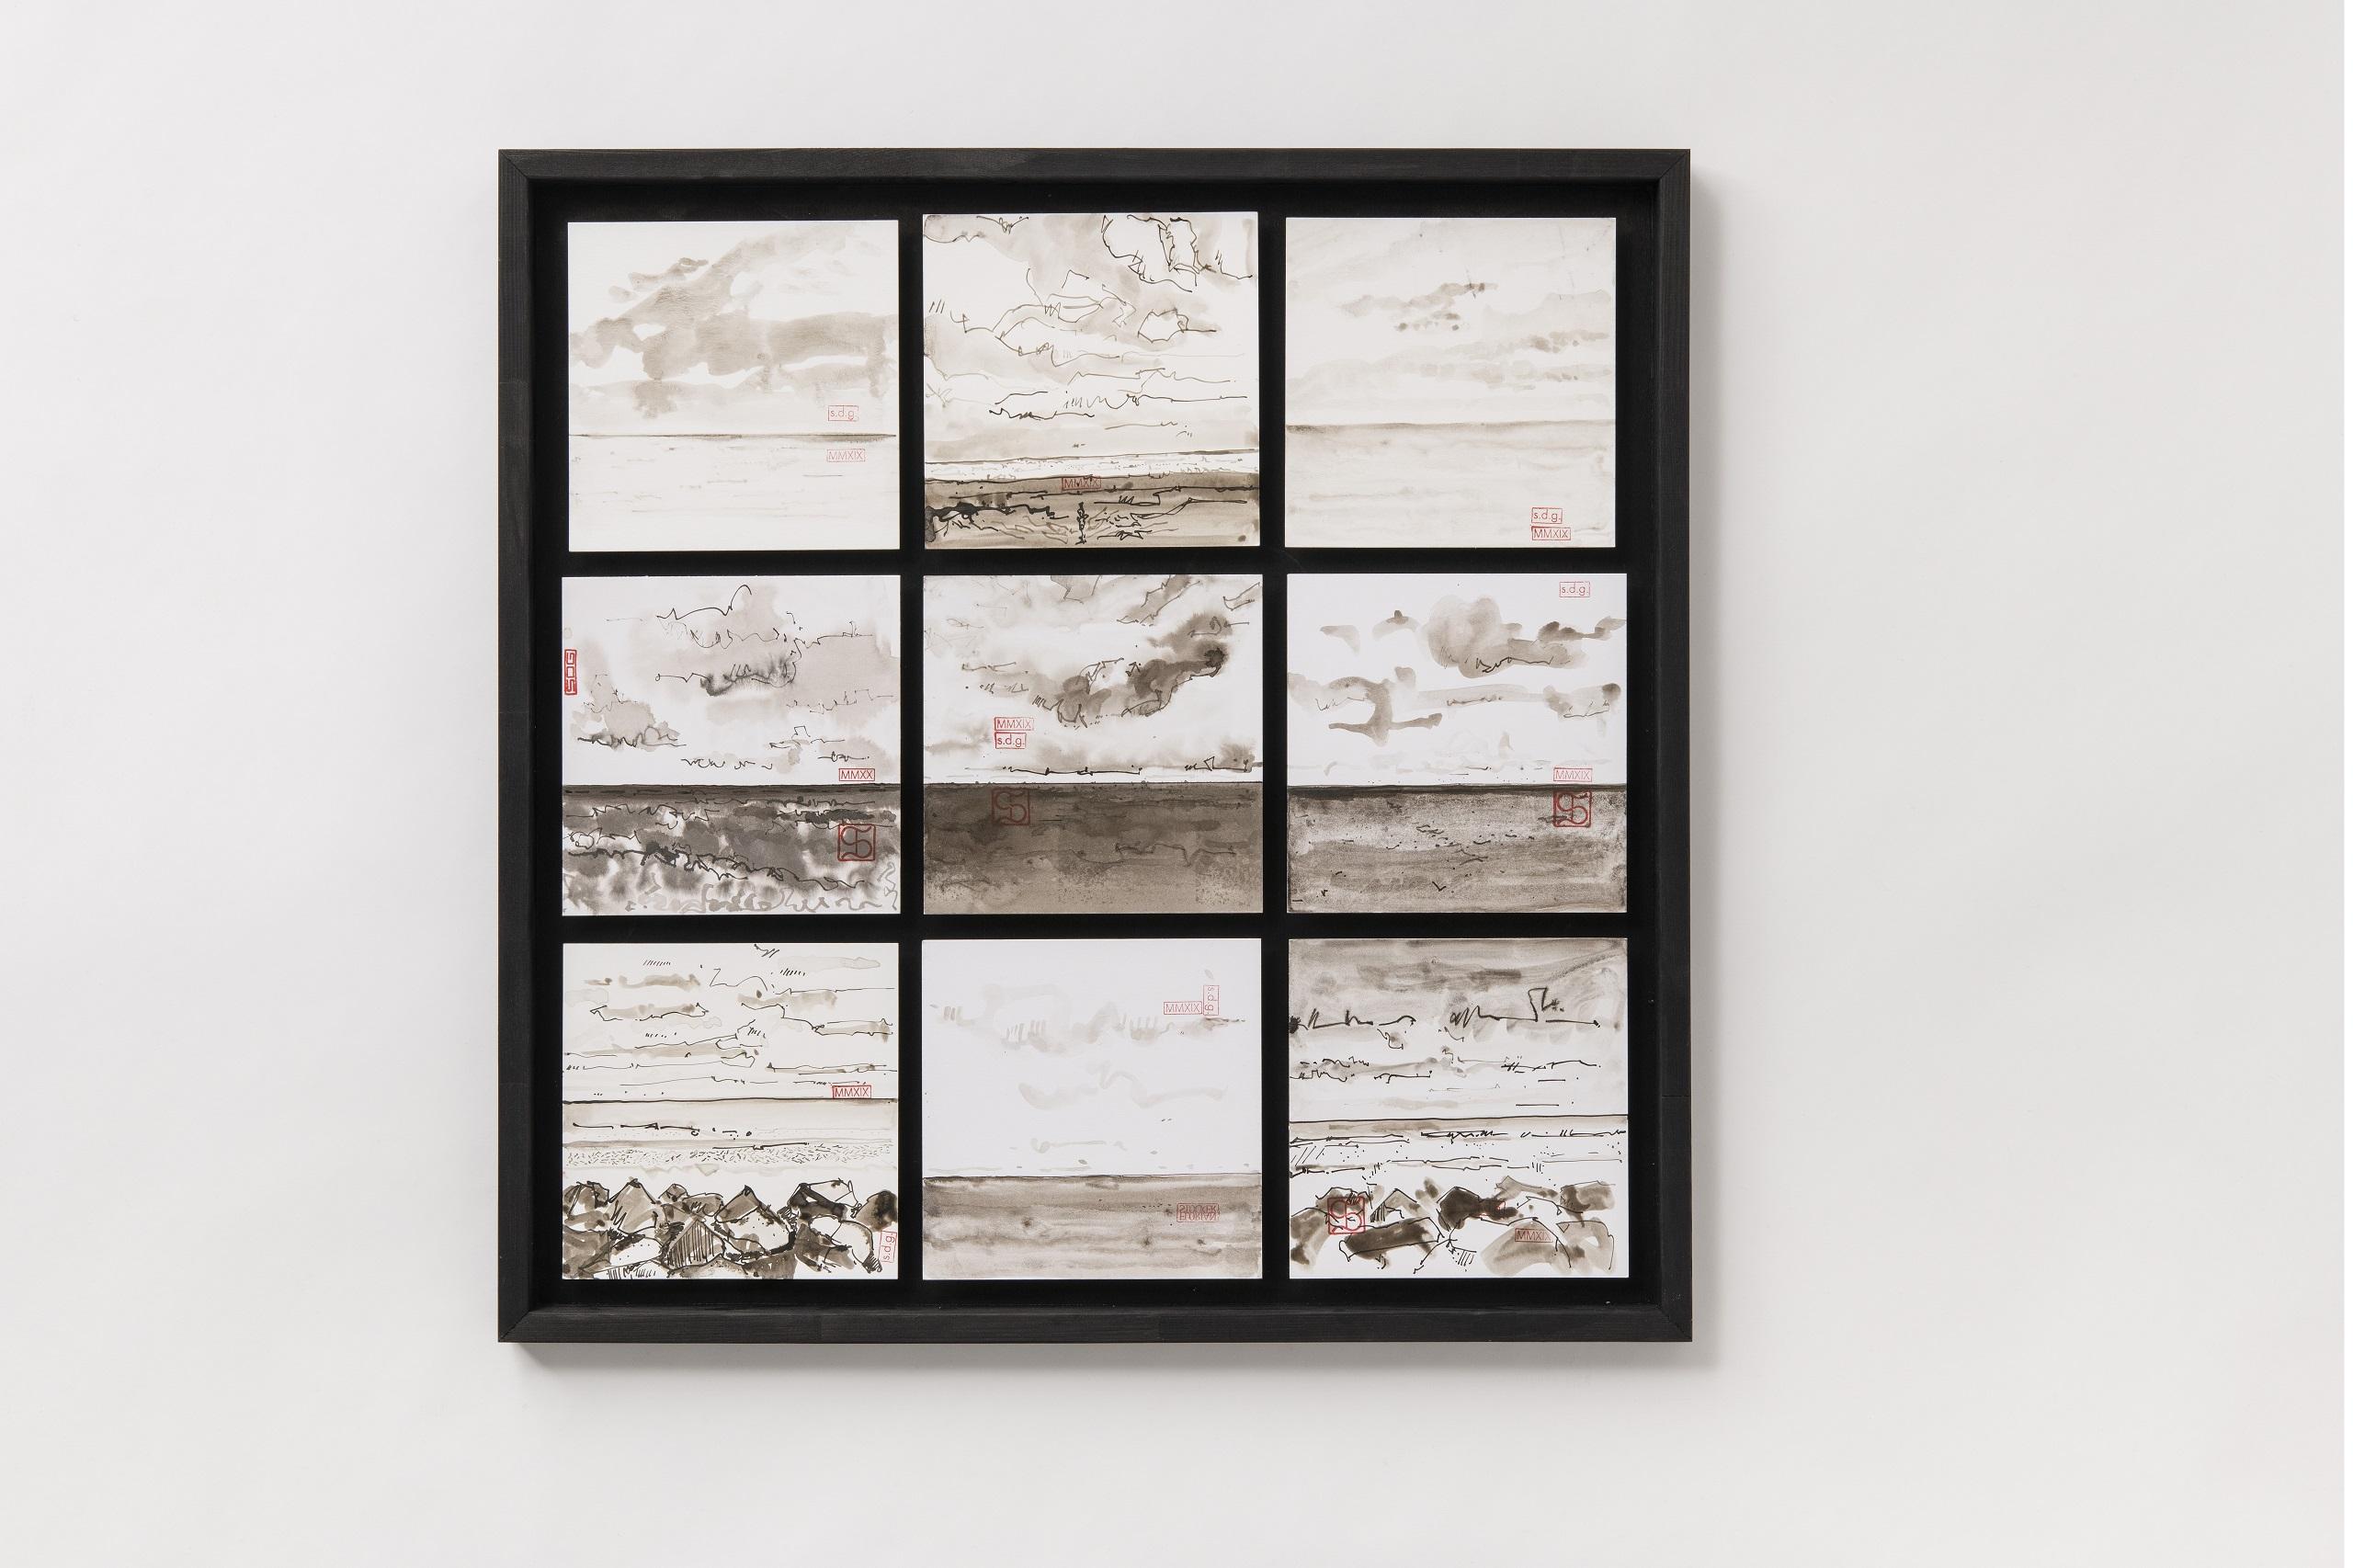 Florian Stocker, Neun Seestücke, Tuschezeichnung mit Lavage auf Karton, 70 cm x 70 cm